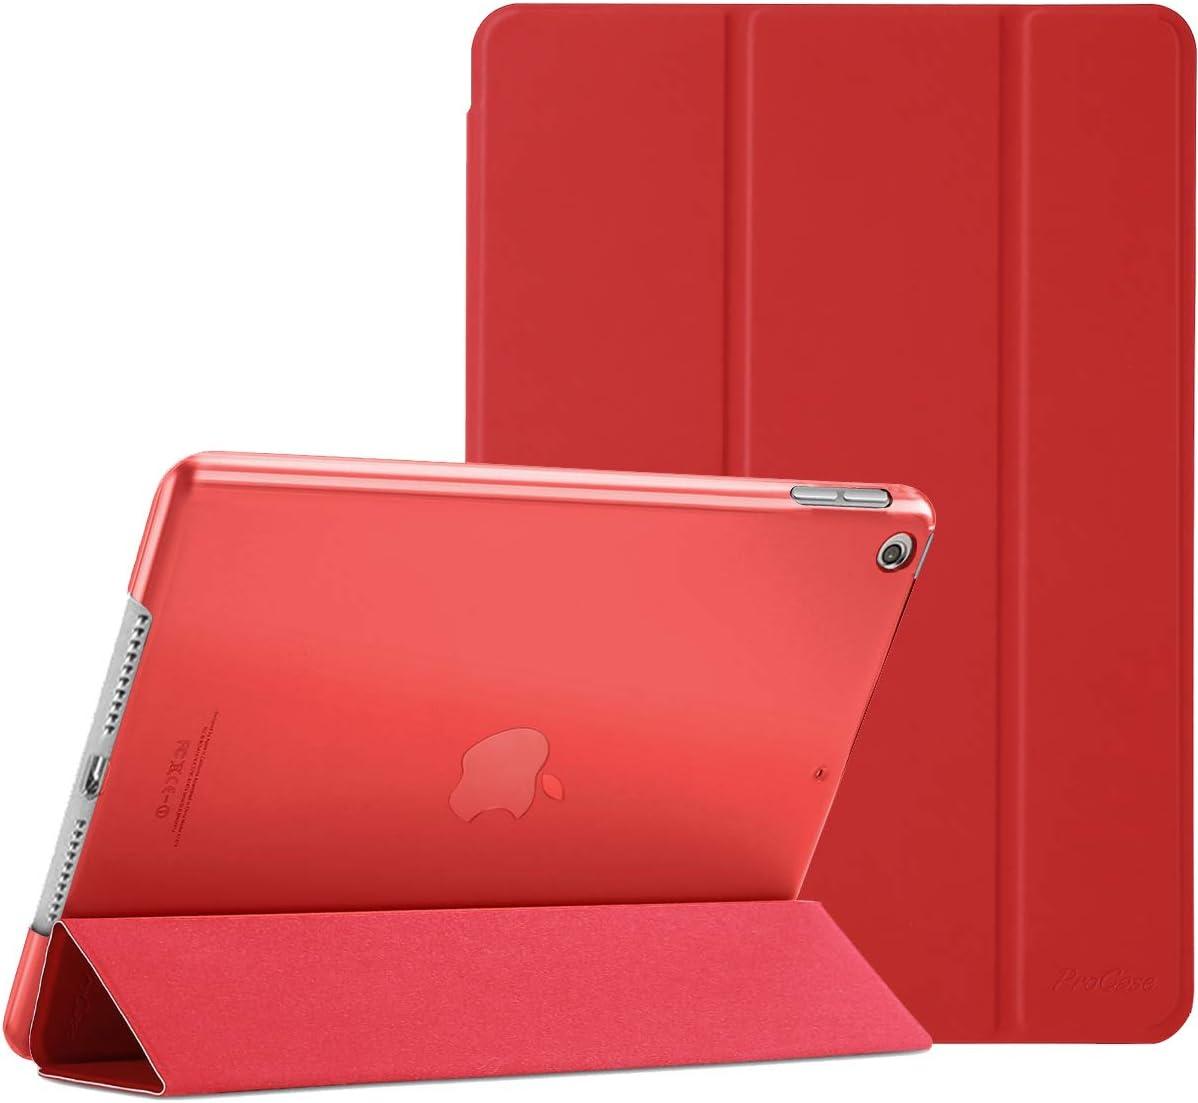 Funda protectora para iPad 7th Gen10.2 2019 A2197 A2198 Roja